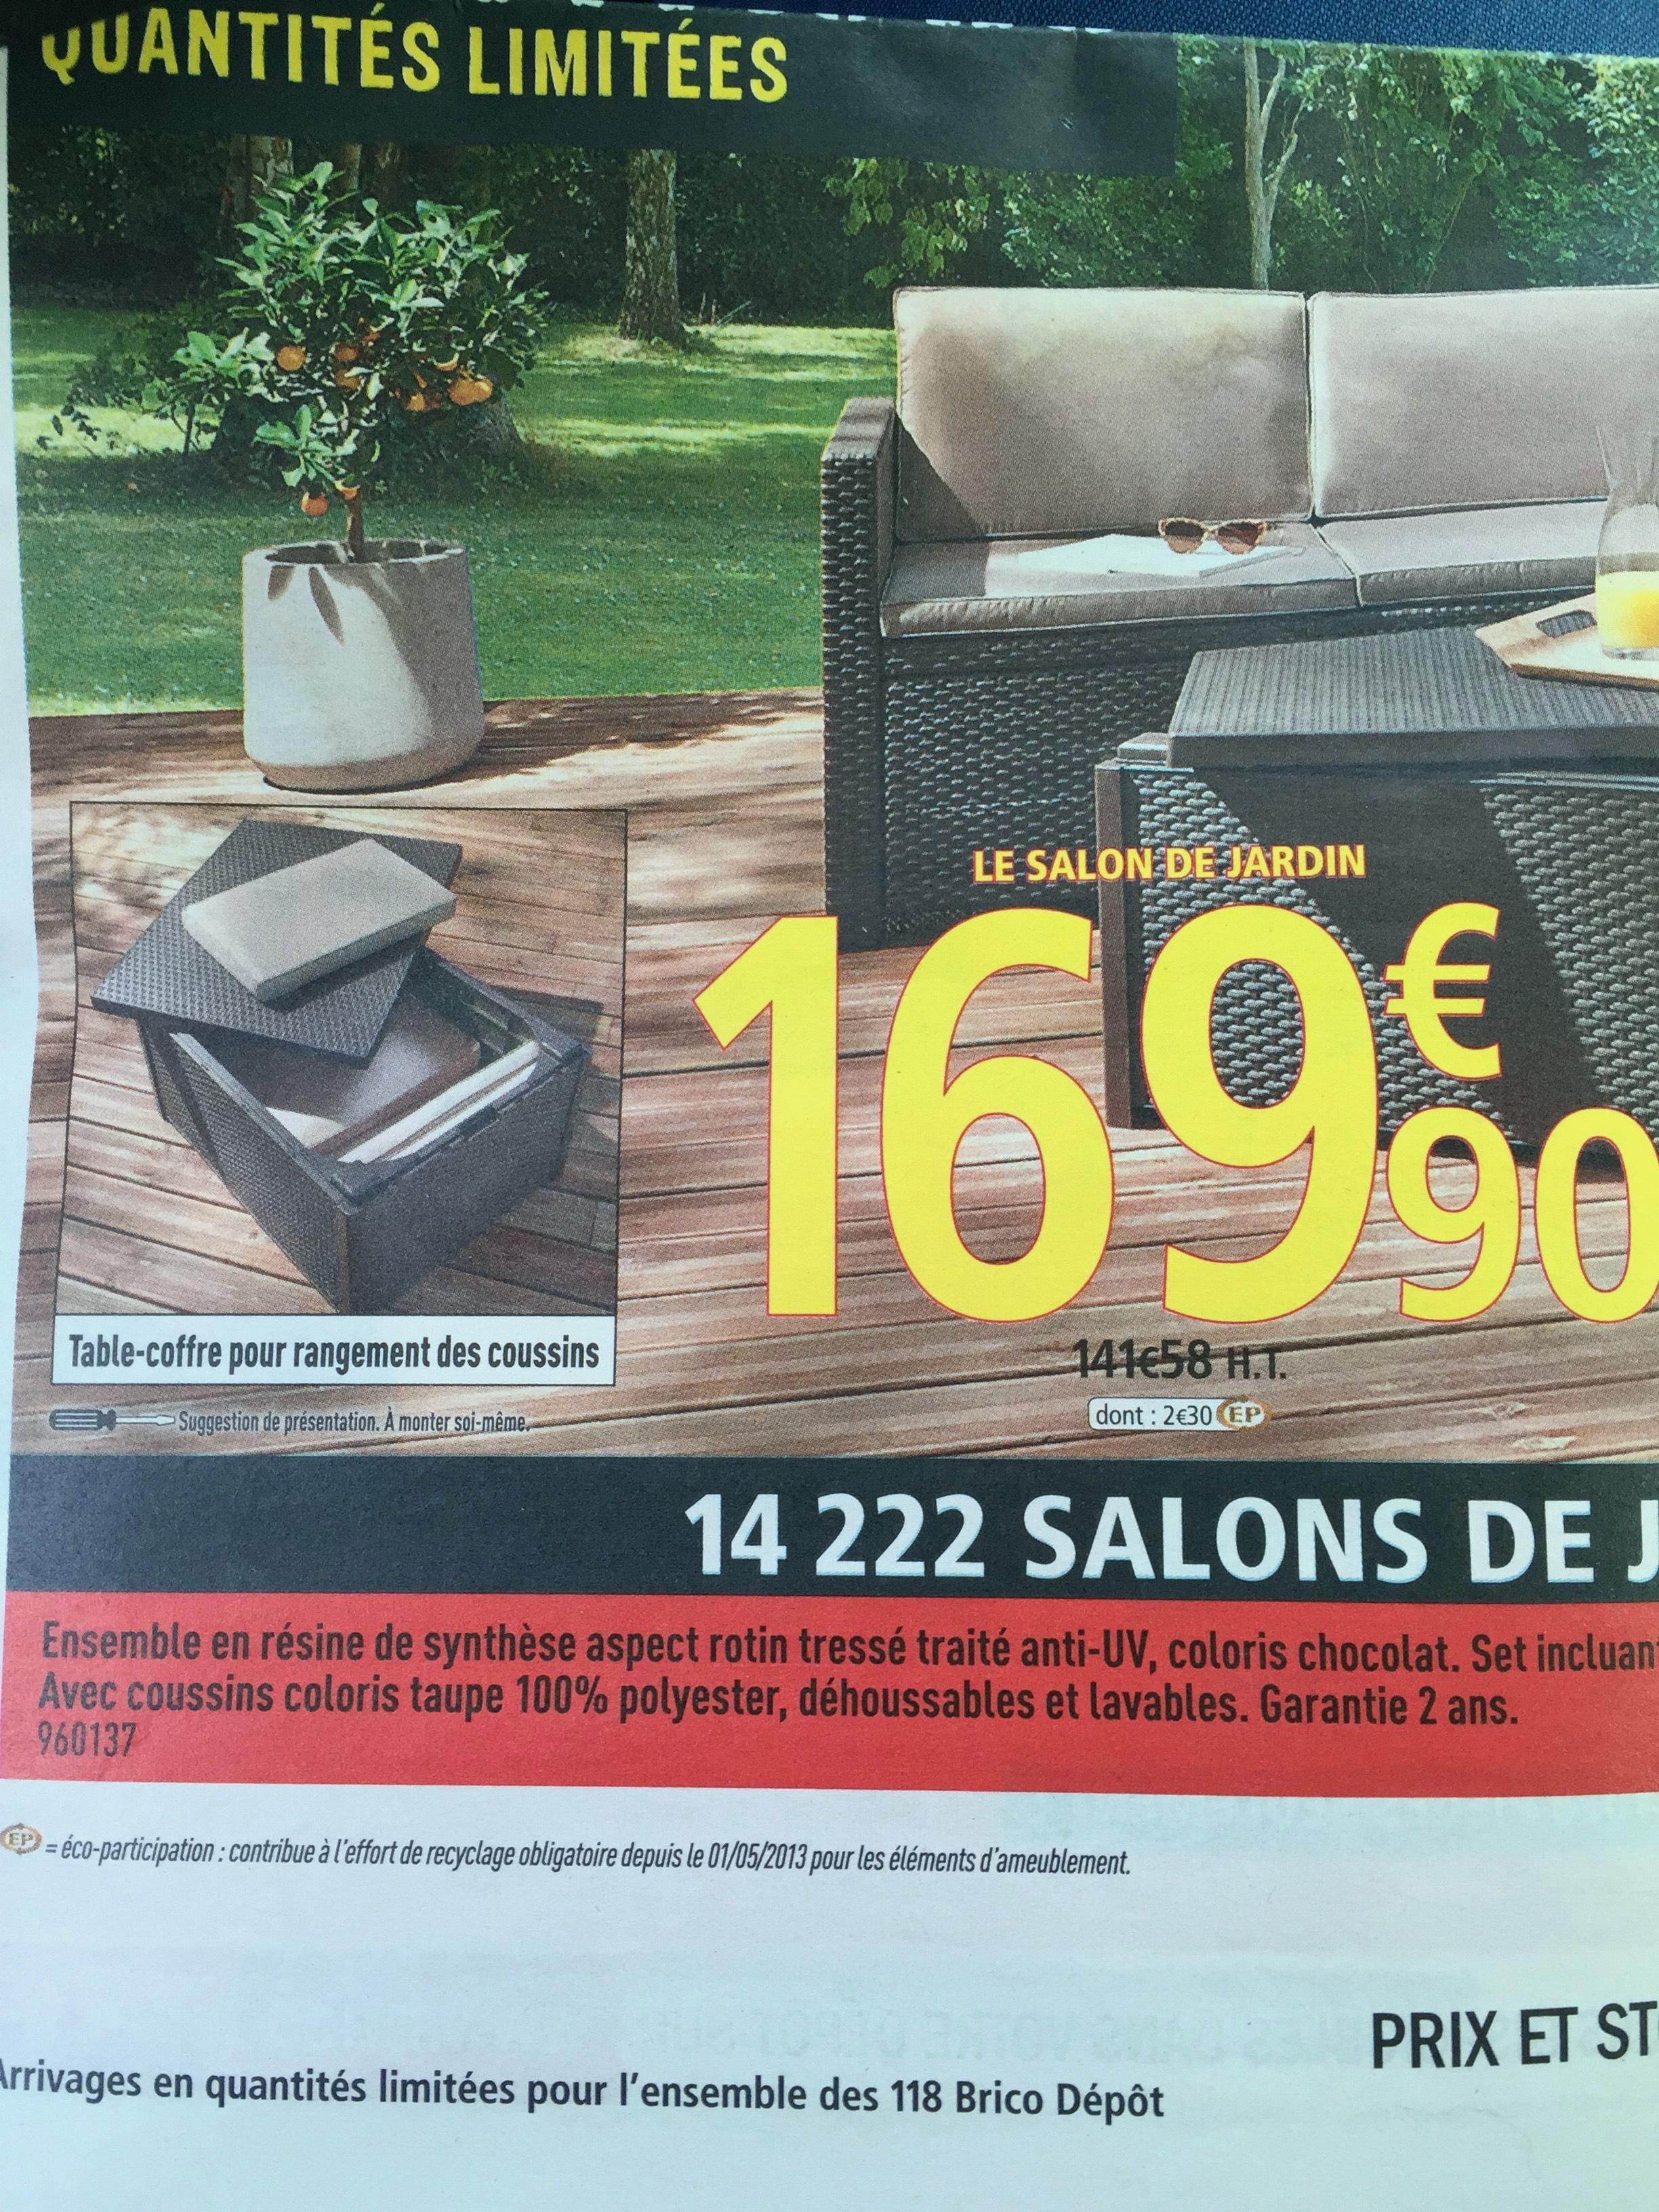 Abri Jardin Pas Cher Occasion Beau Photos Garage Pas Cher Luxe Salon De La Voiture D Occasion Bmw X3 2 0d